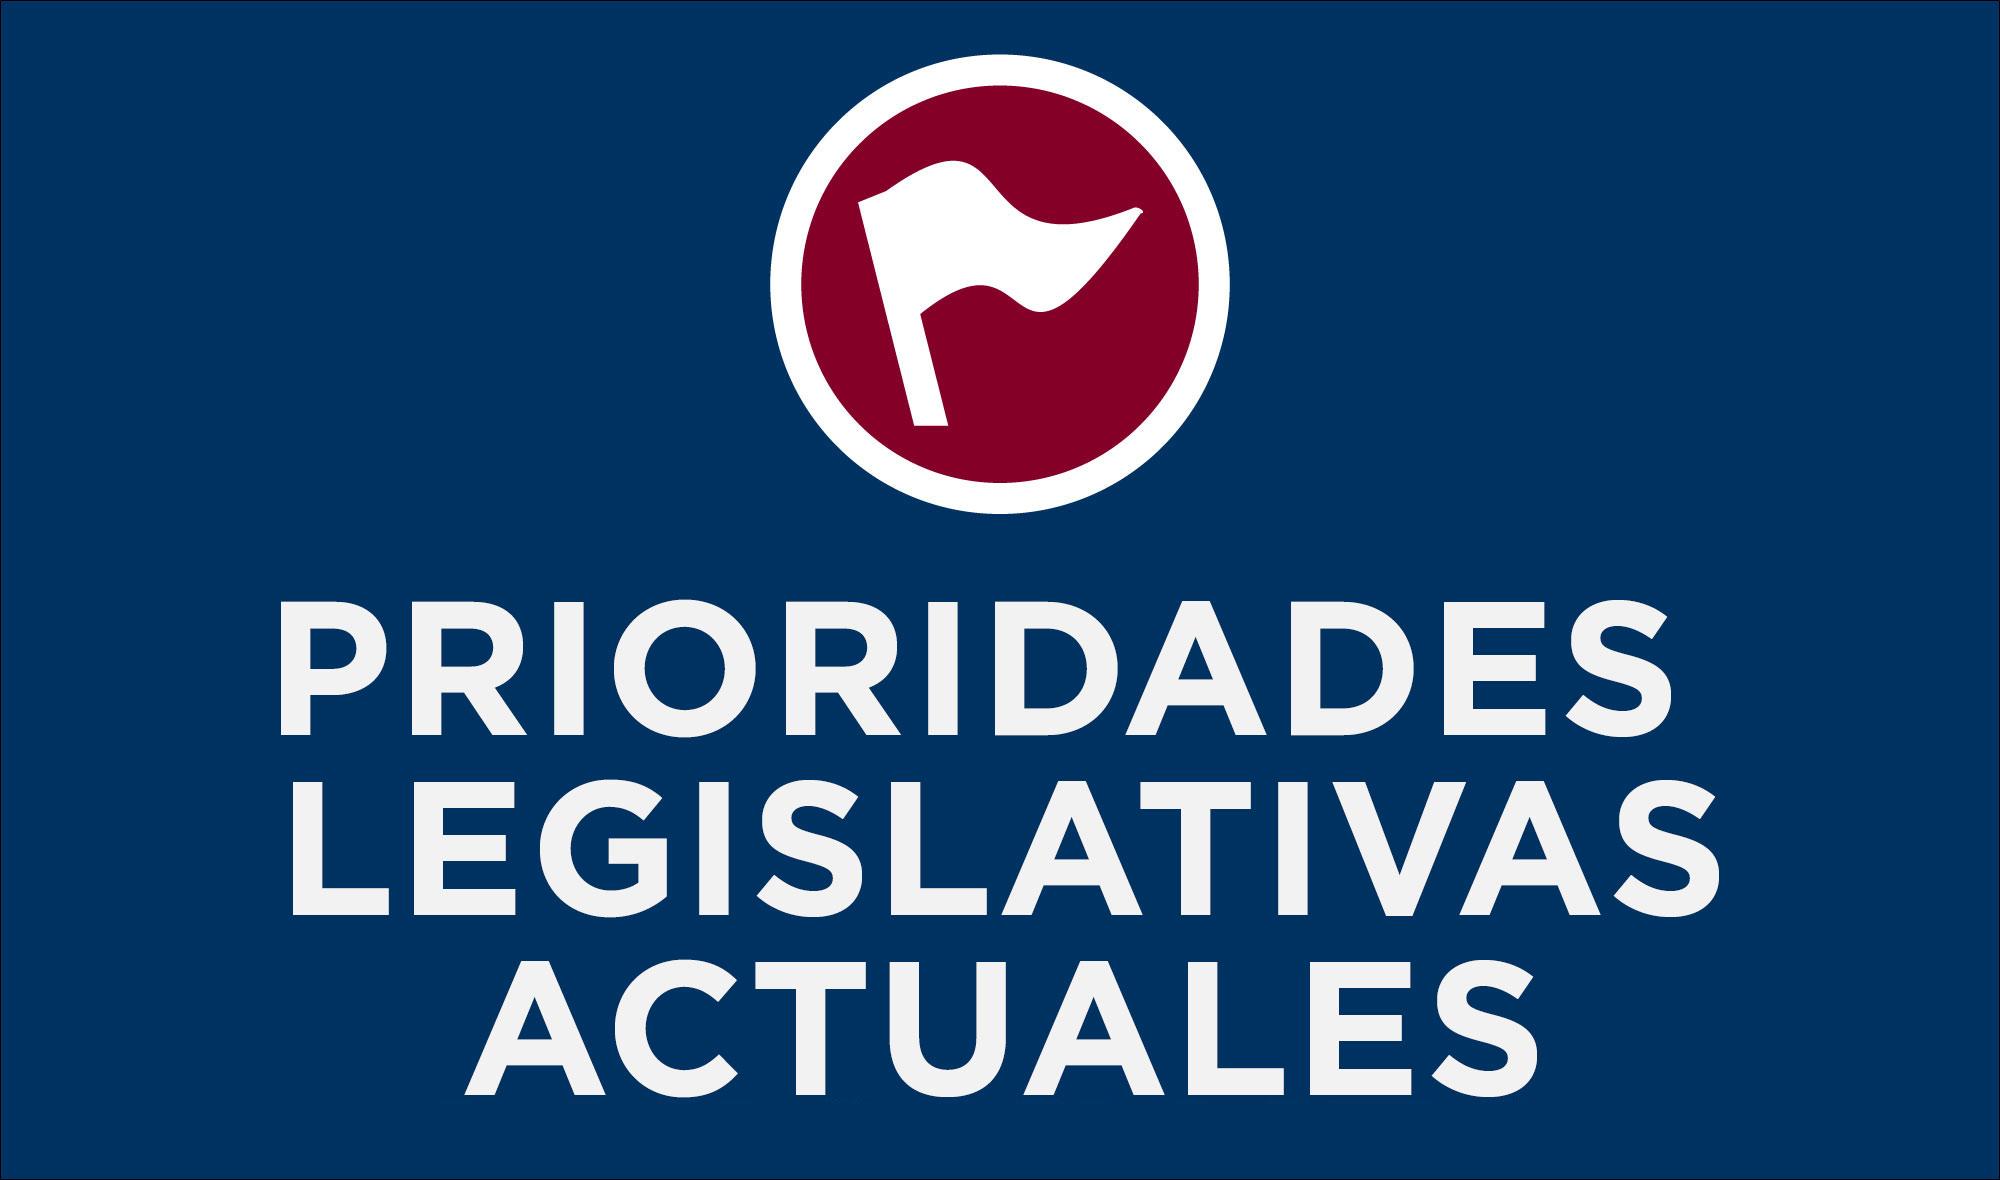 Prioridades legislativas actuales